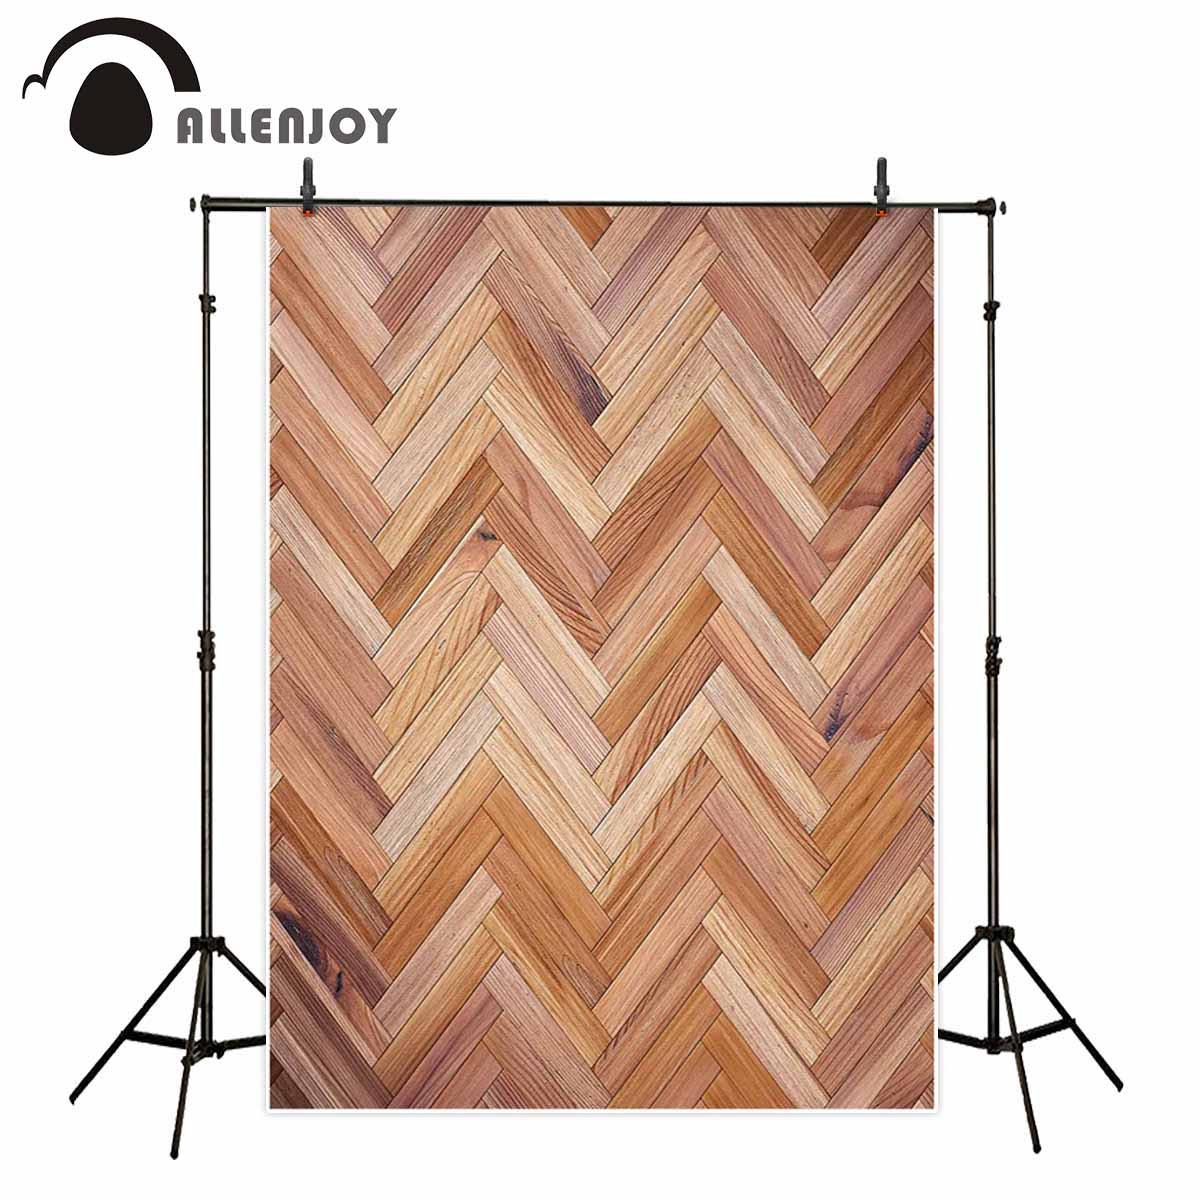 Allenjoy fondo sin fisuras textura de piso de madera espiga marrón claro foto telón de fondo fotografía Navidad photozone studio